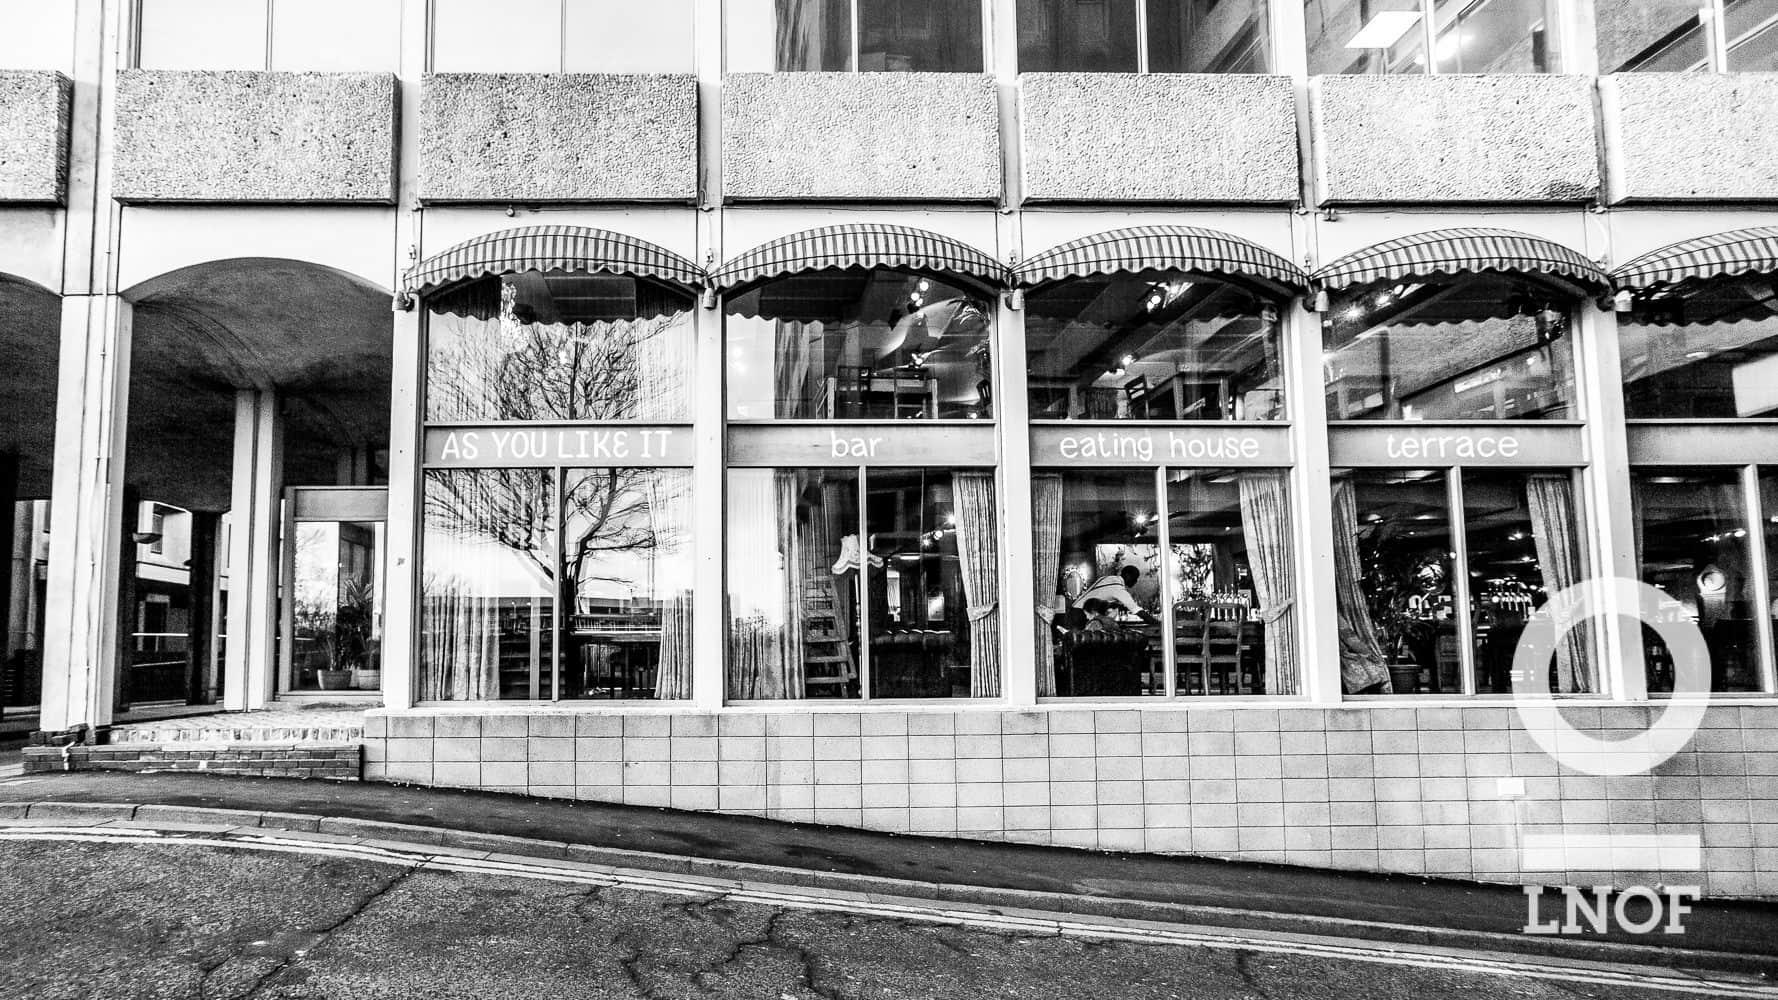 As You Like It restaurant in Jesmond